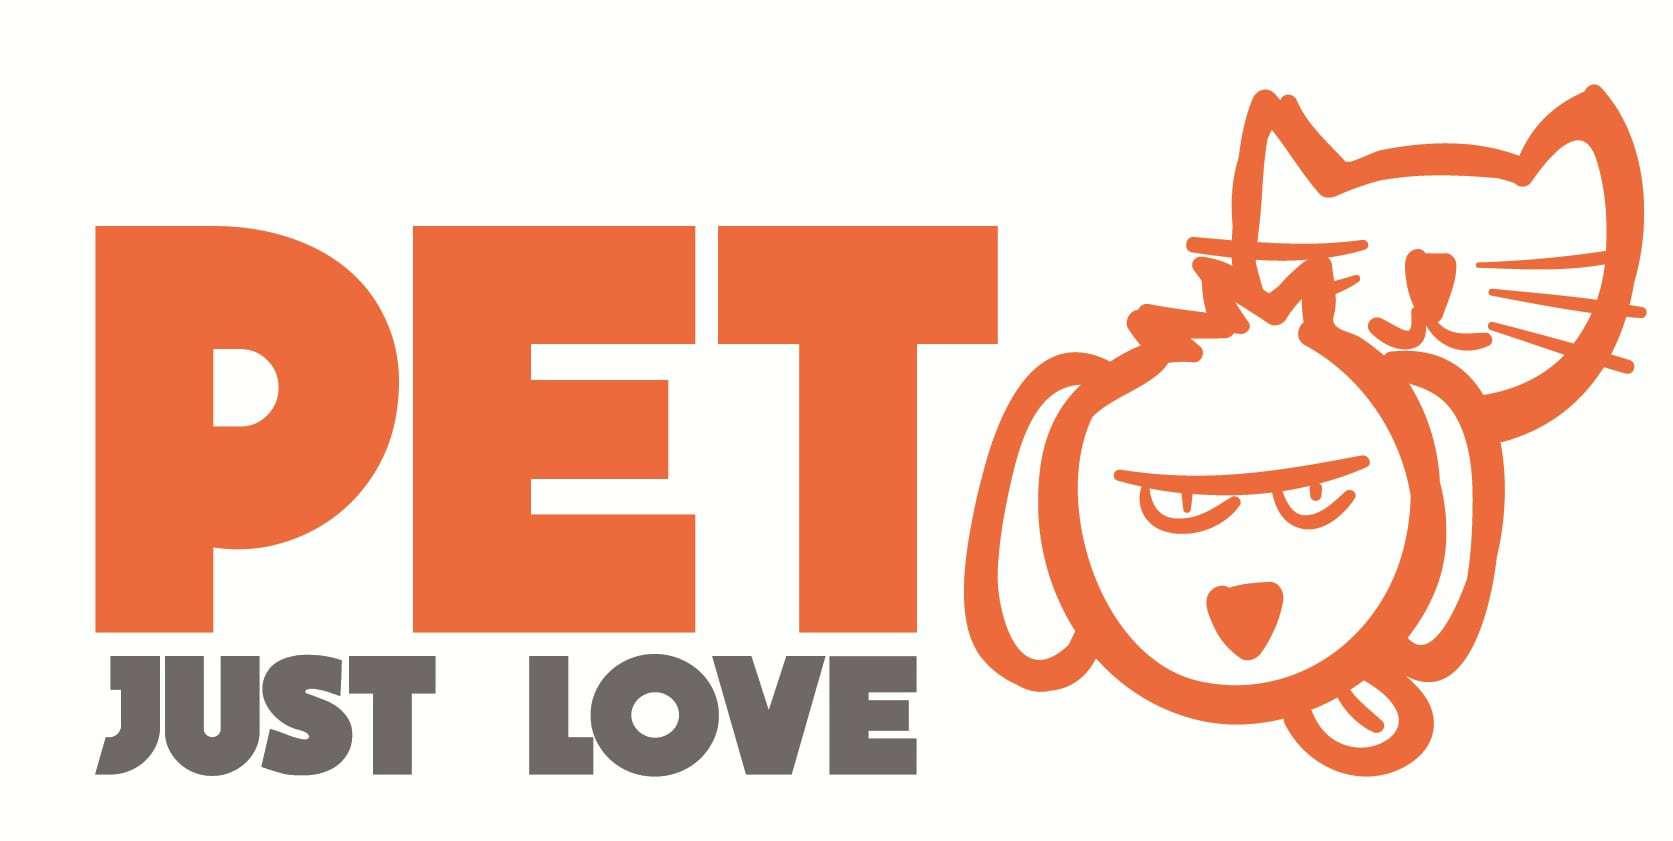 Bildmarke: PET JUST LOVE